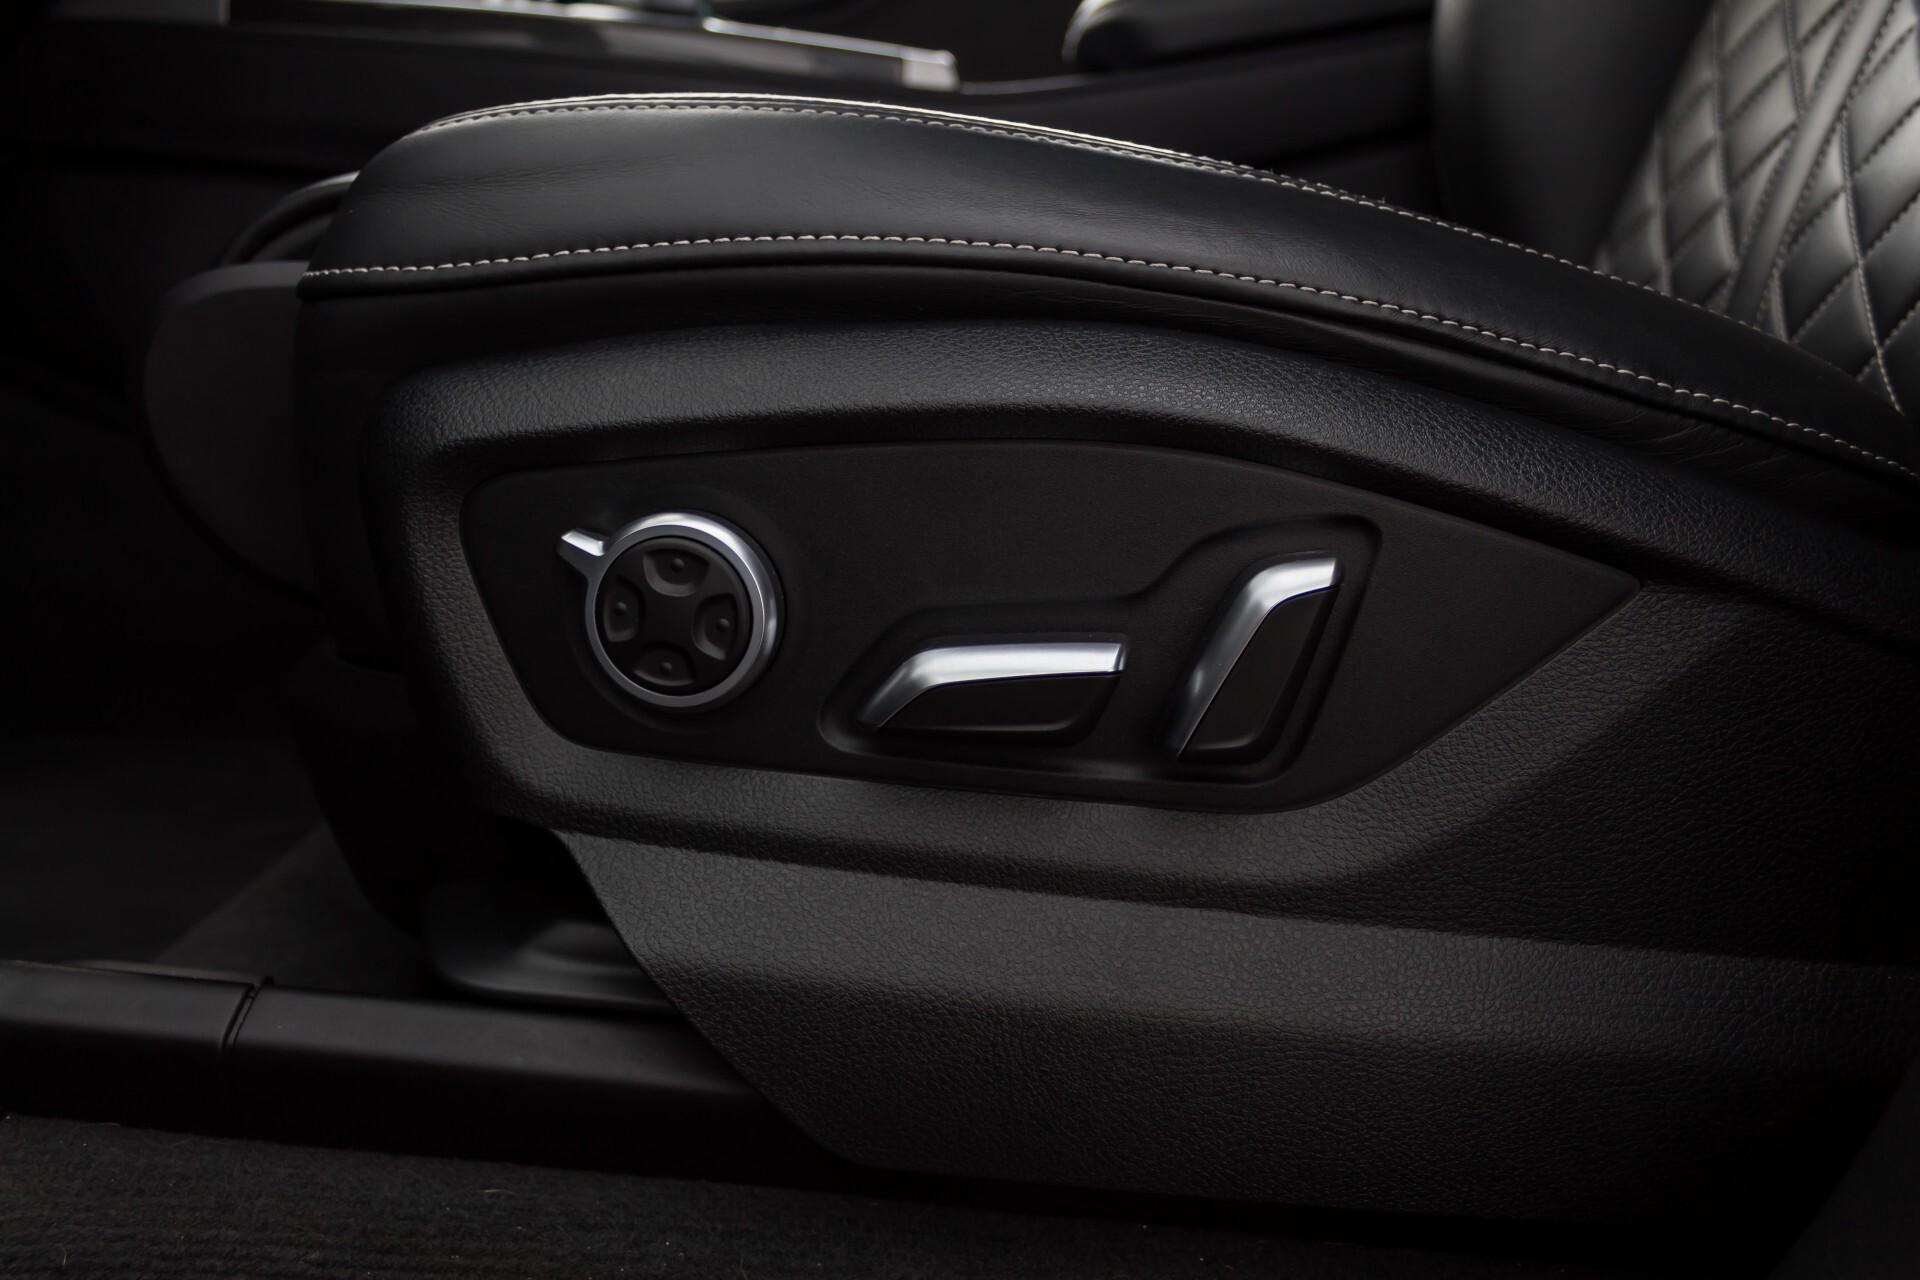 Audi SQ7 4.0 TDI 435pk Quattro Full Options Grijs Kenteken Aut8 Foto 27